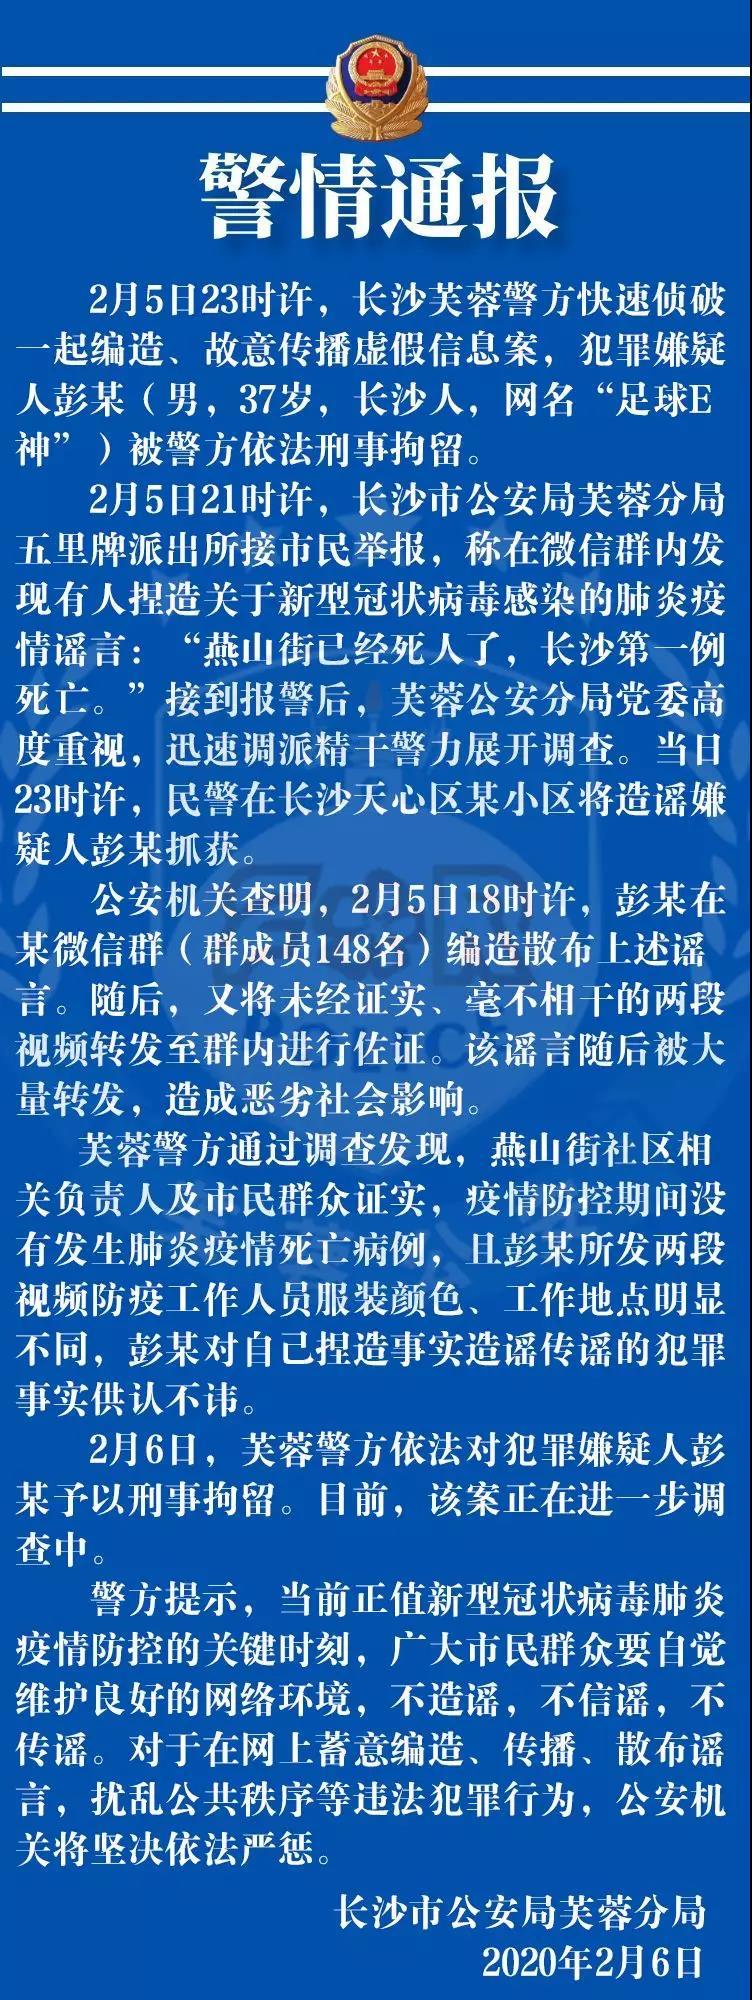 贾跃亭背债32亿美元首次面对债权人称FF是我的生命